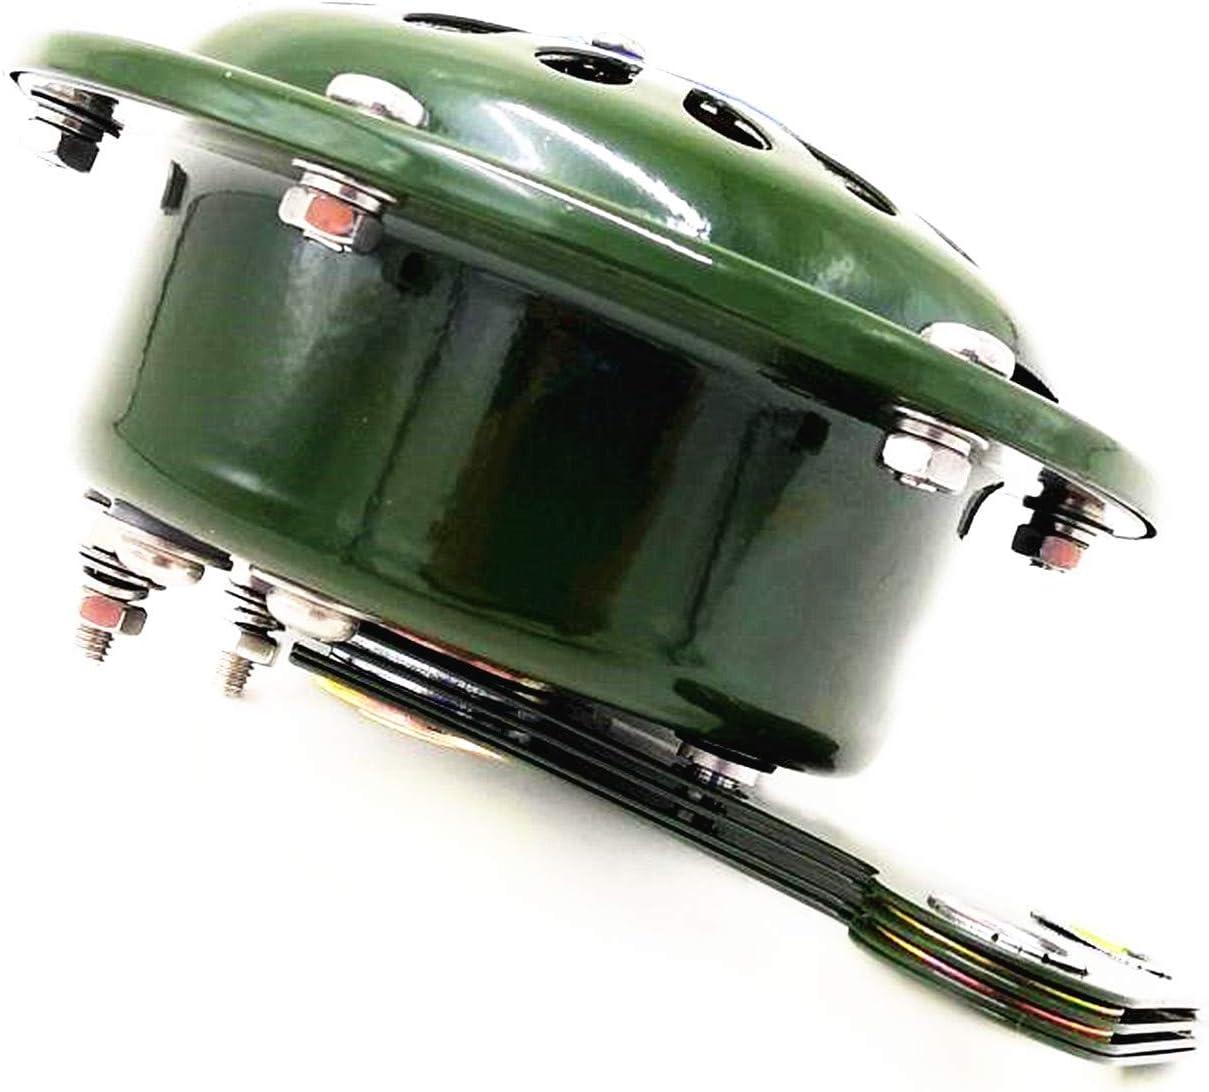 Klaxon de sifflet de voiture super grand format 12 V//24 pour motocyclette /étanche super fort